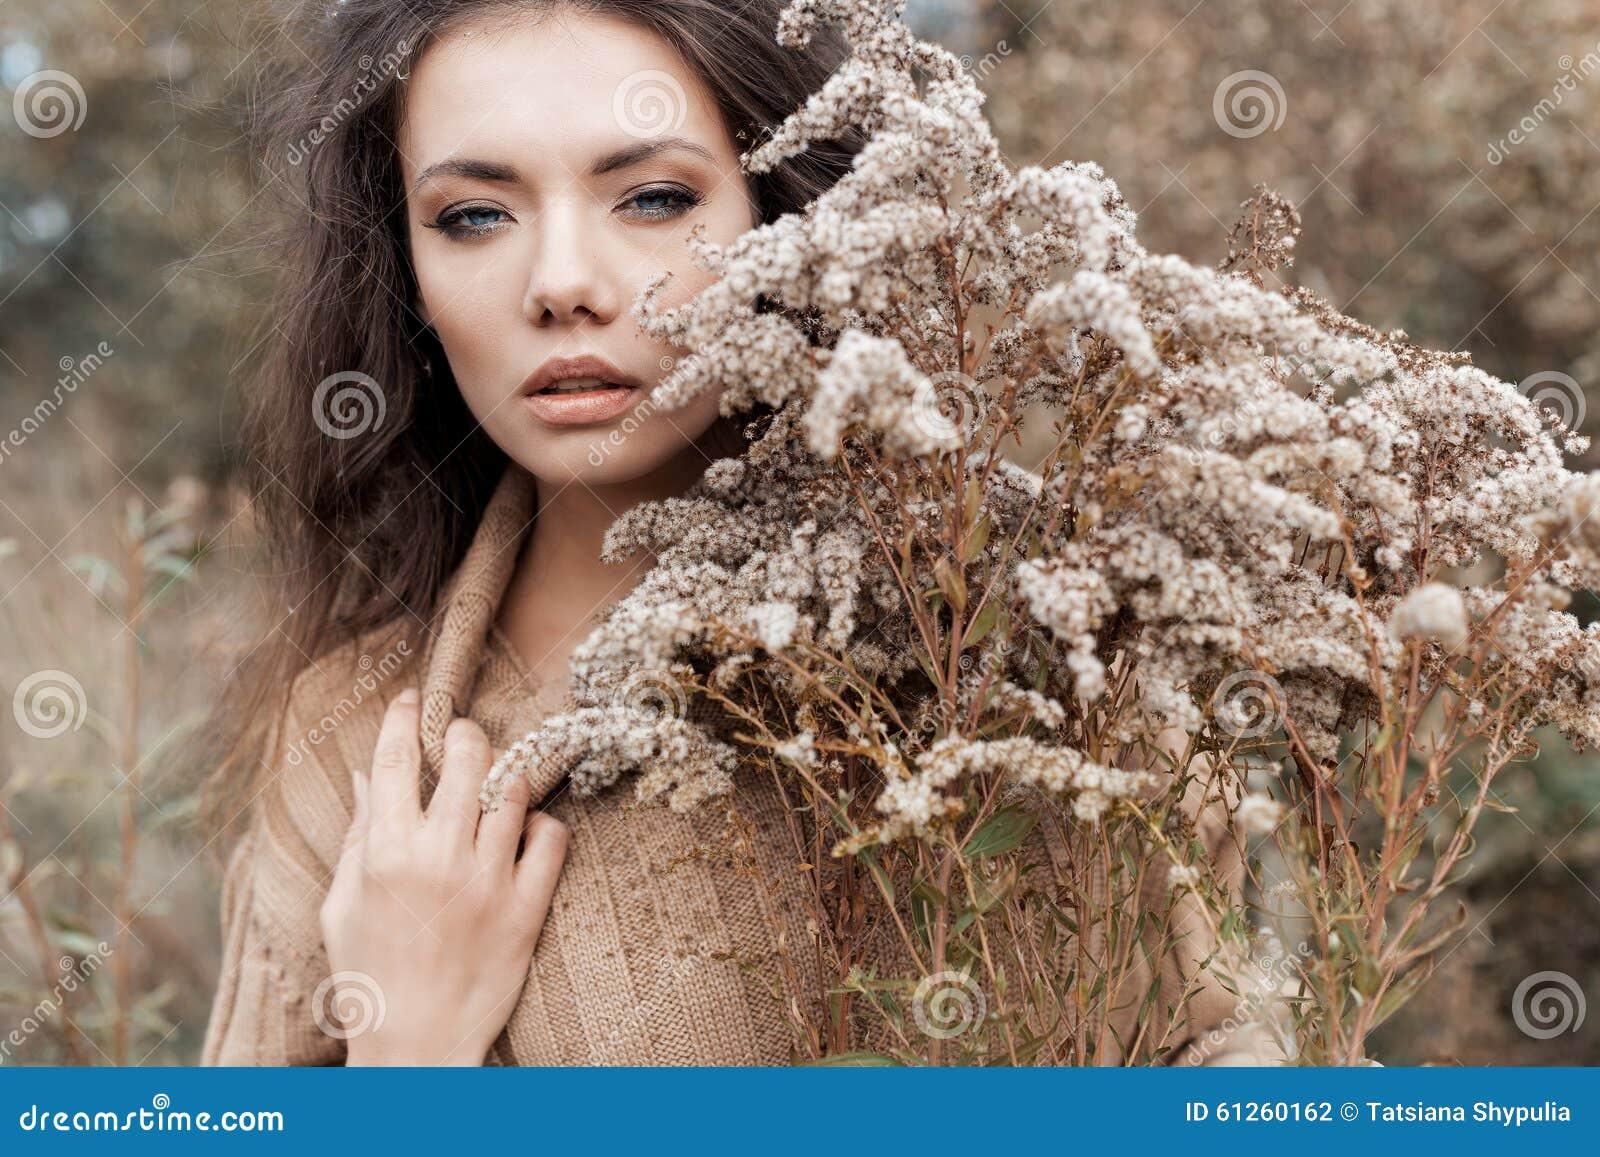 Όμορφη λυπημένη χαριτωμένη ελκυστική γυναίκα σε ένα μπεζ πουλόβερ ευρέως σε έναν τομέα της ξηράς χλόης στην κρύα συννεφιάζω ημέρα